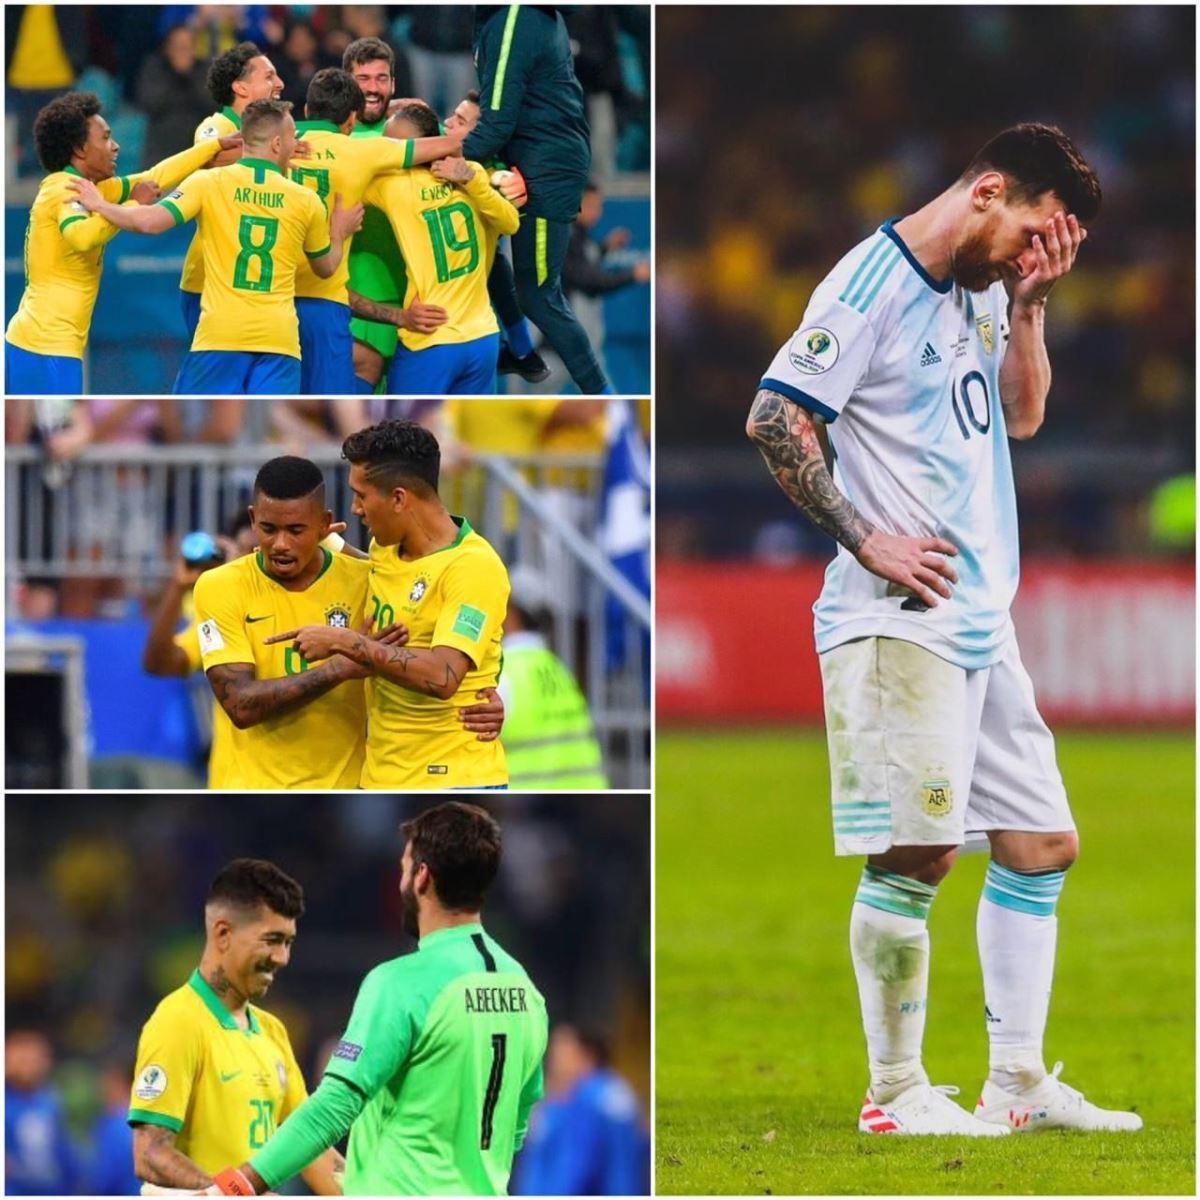 lịch thi đấu bóng đá hôm nay, lịch Copa America 2019, trực tiếp bóng đá, Brazil đấu với Argentina, FPT Play, trực tiếp bóng đá hôm nay, truc tiep bong da, bóng đá, Brasil, Gabriel Jesus, messi